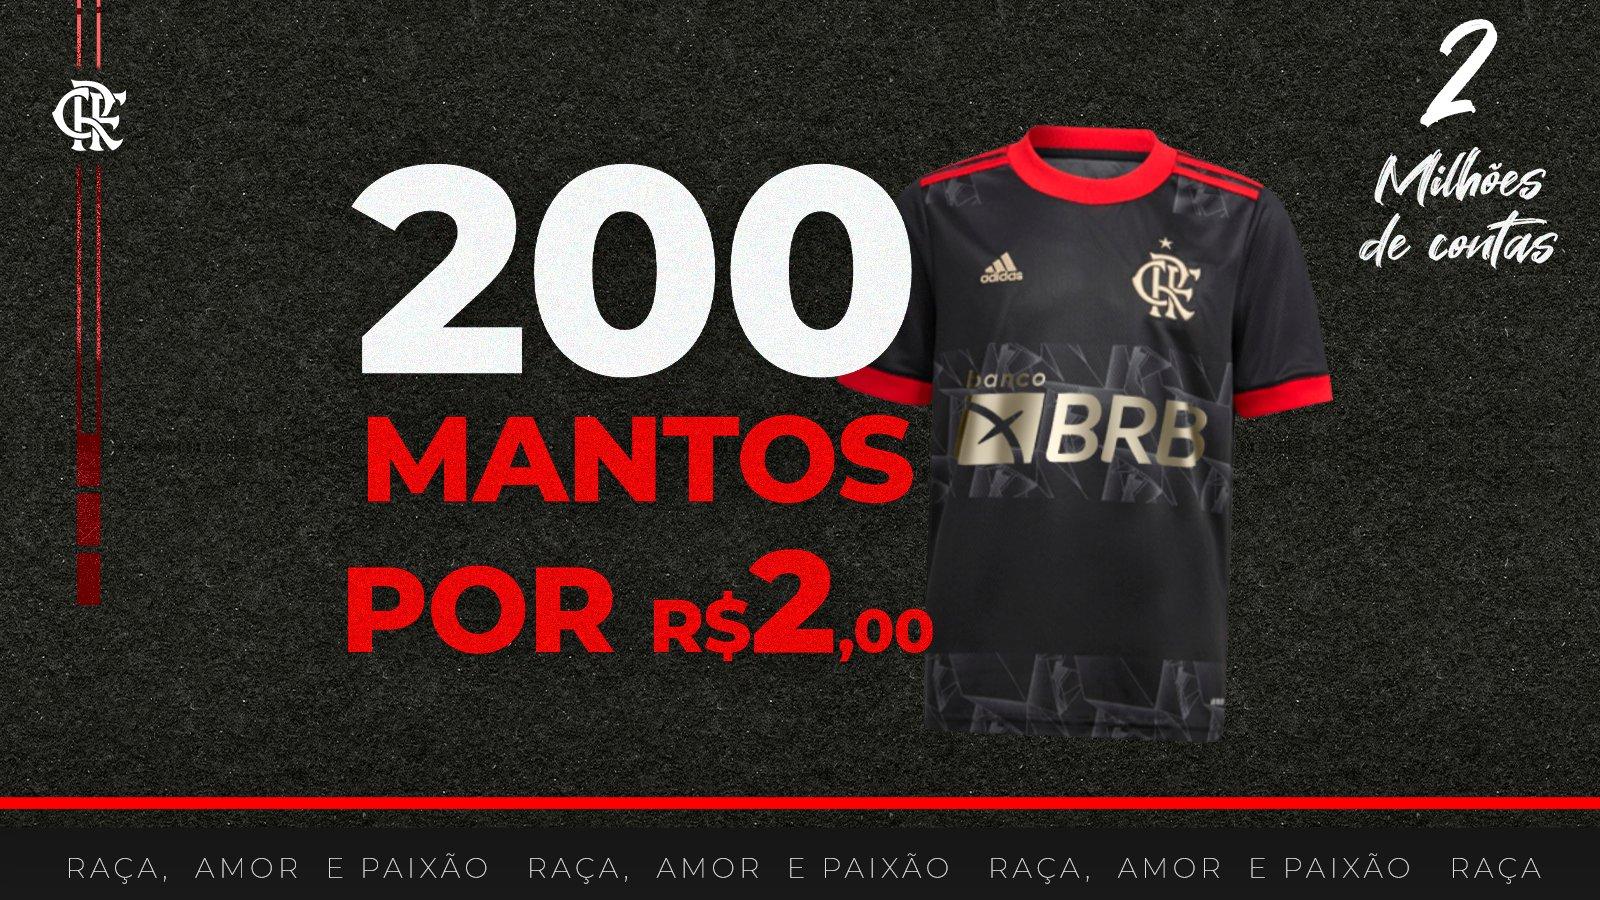 Em a��o rel�mpago, patrocinadora vende camisas oficiais do Flamengo por apenas dois reais